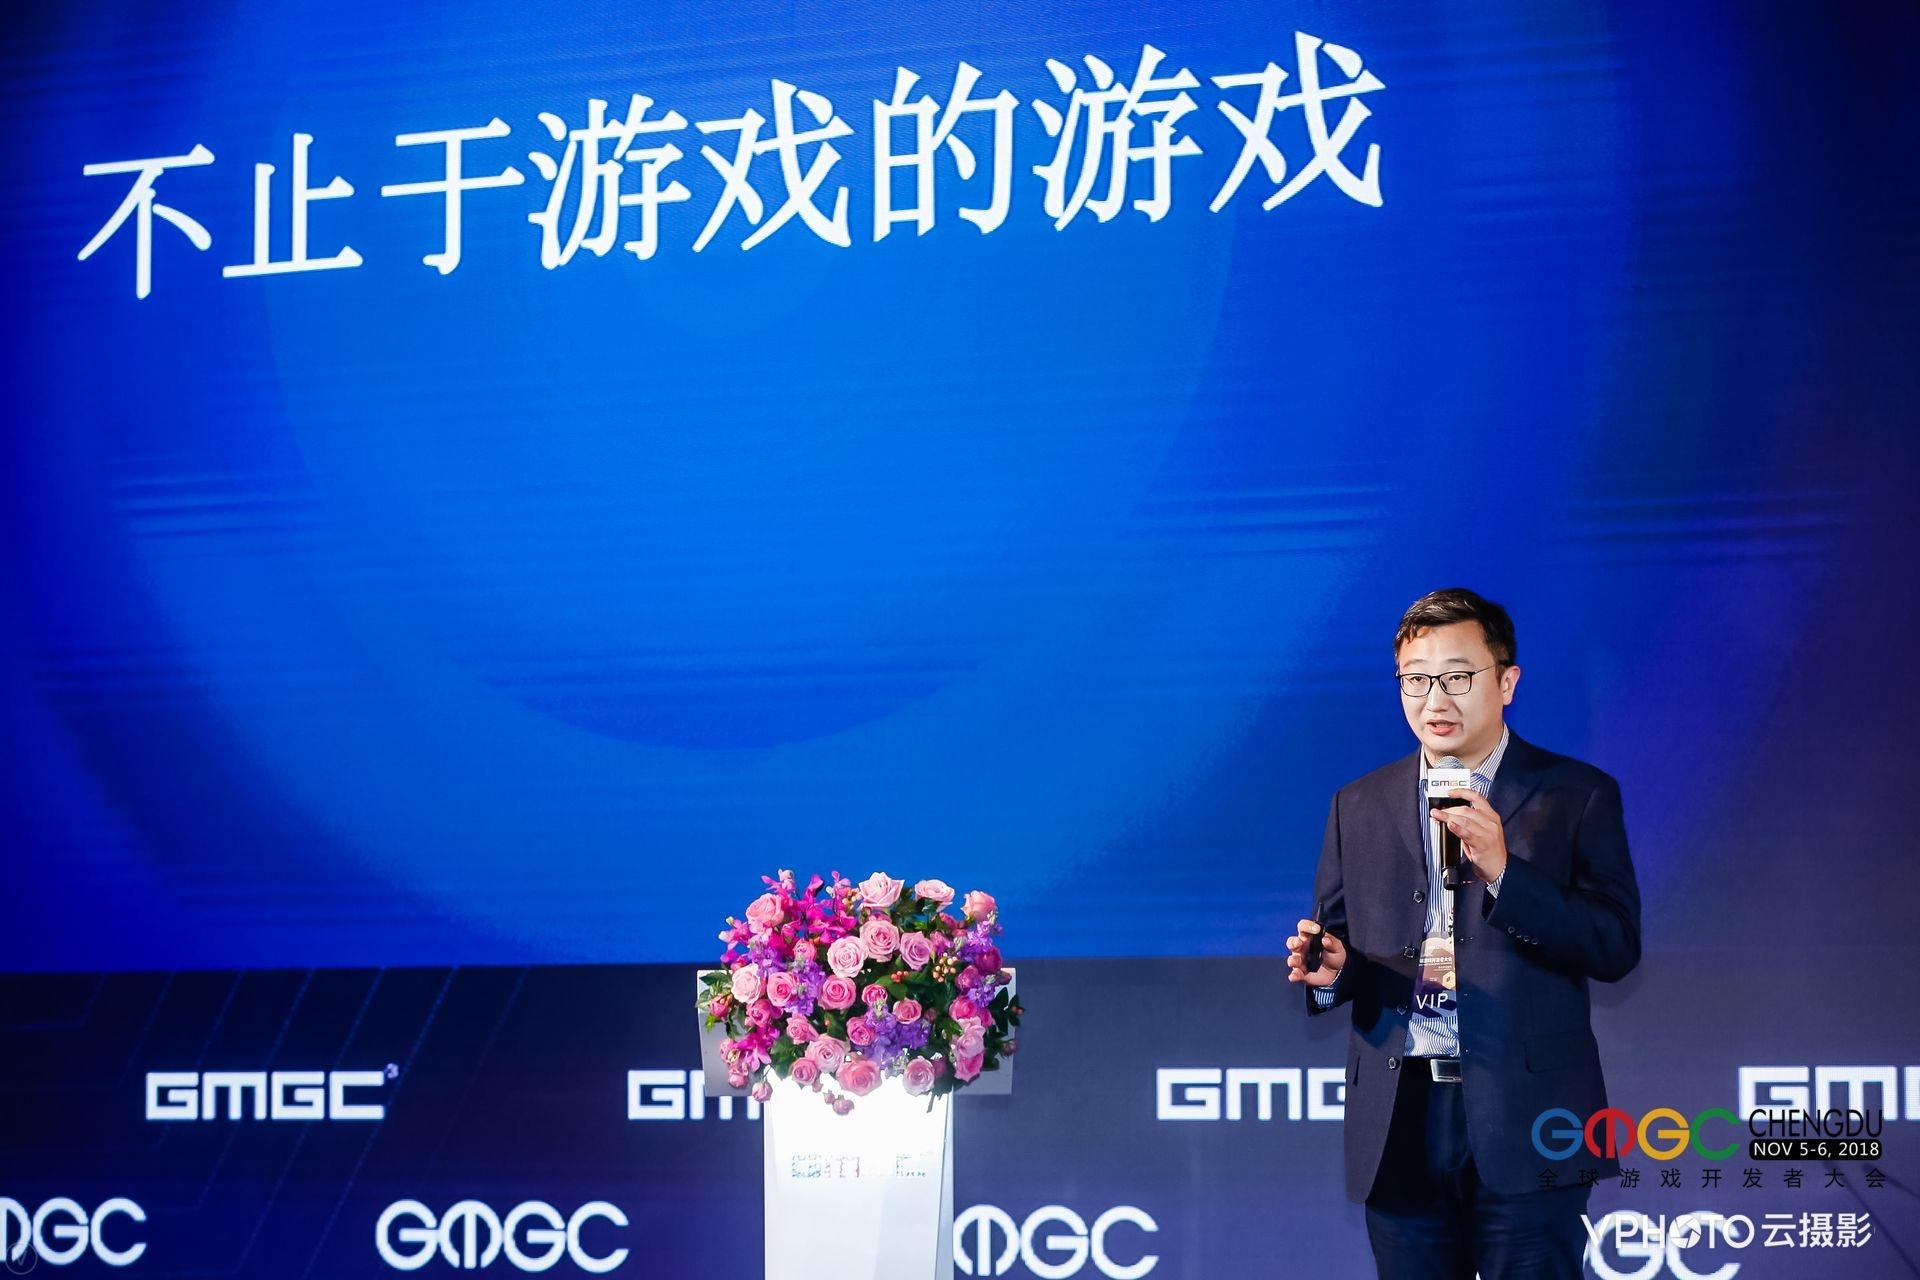 GMGC•成都•2018 | 中投艺影CEO汤峰:不止于游戏的游戏